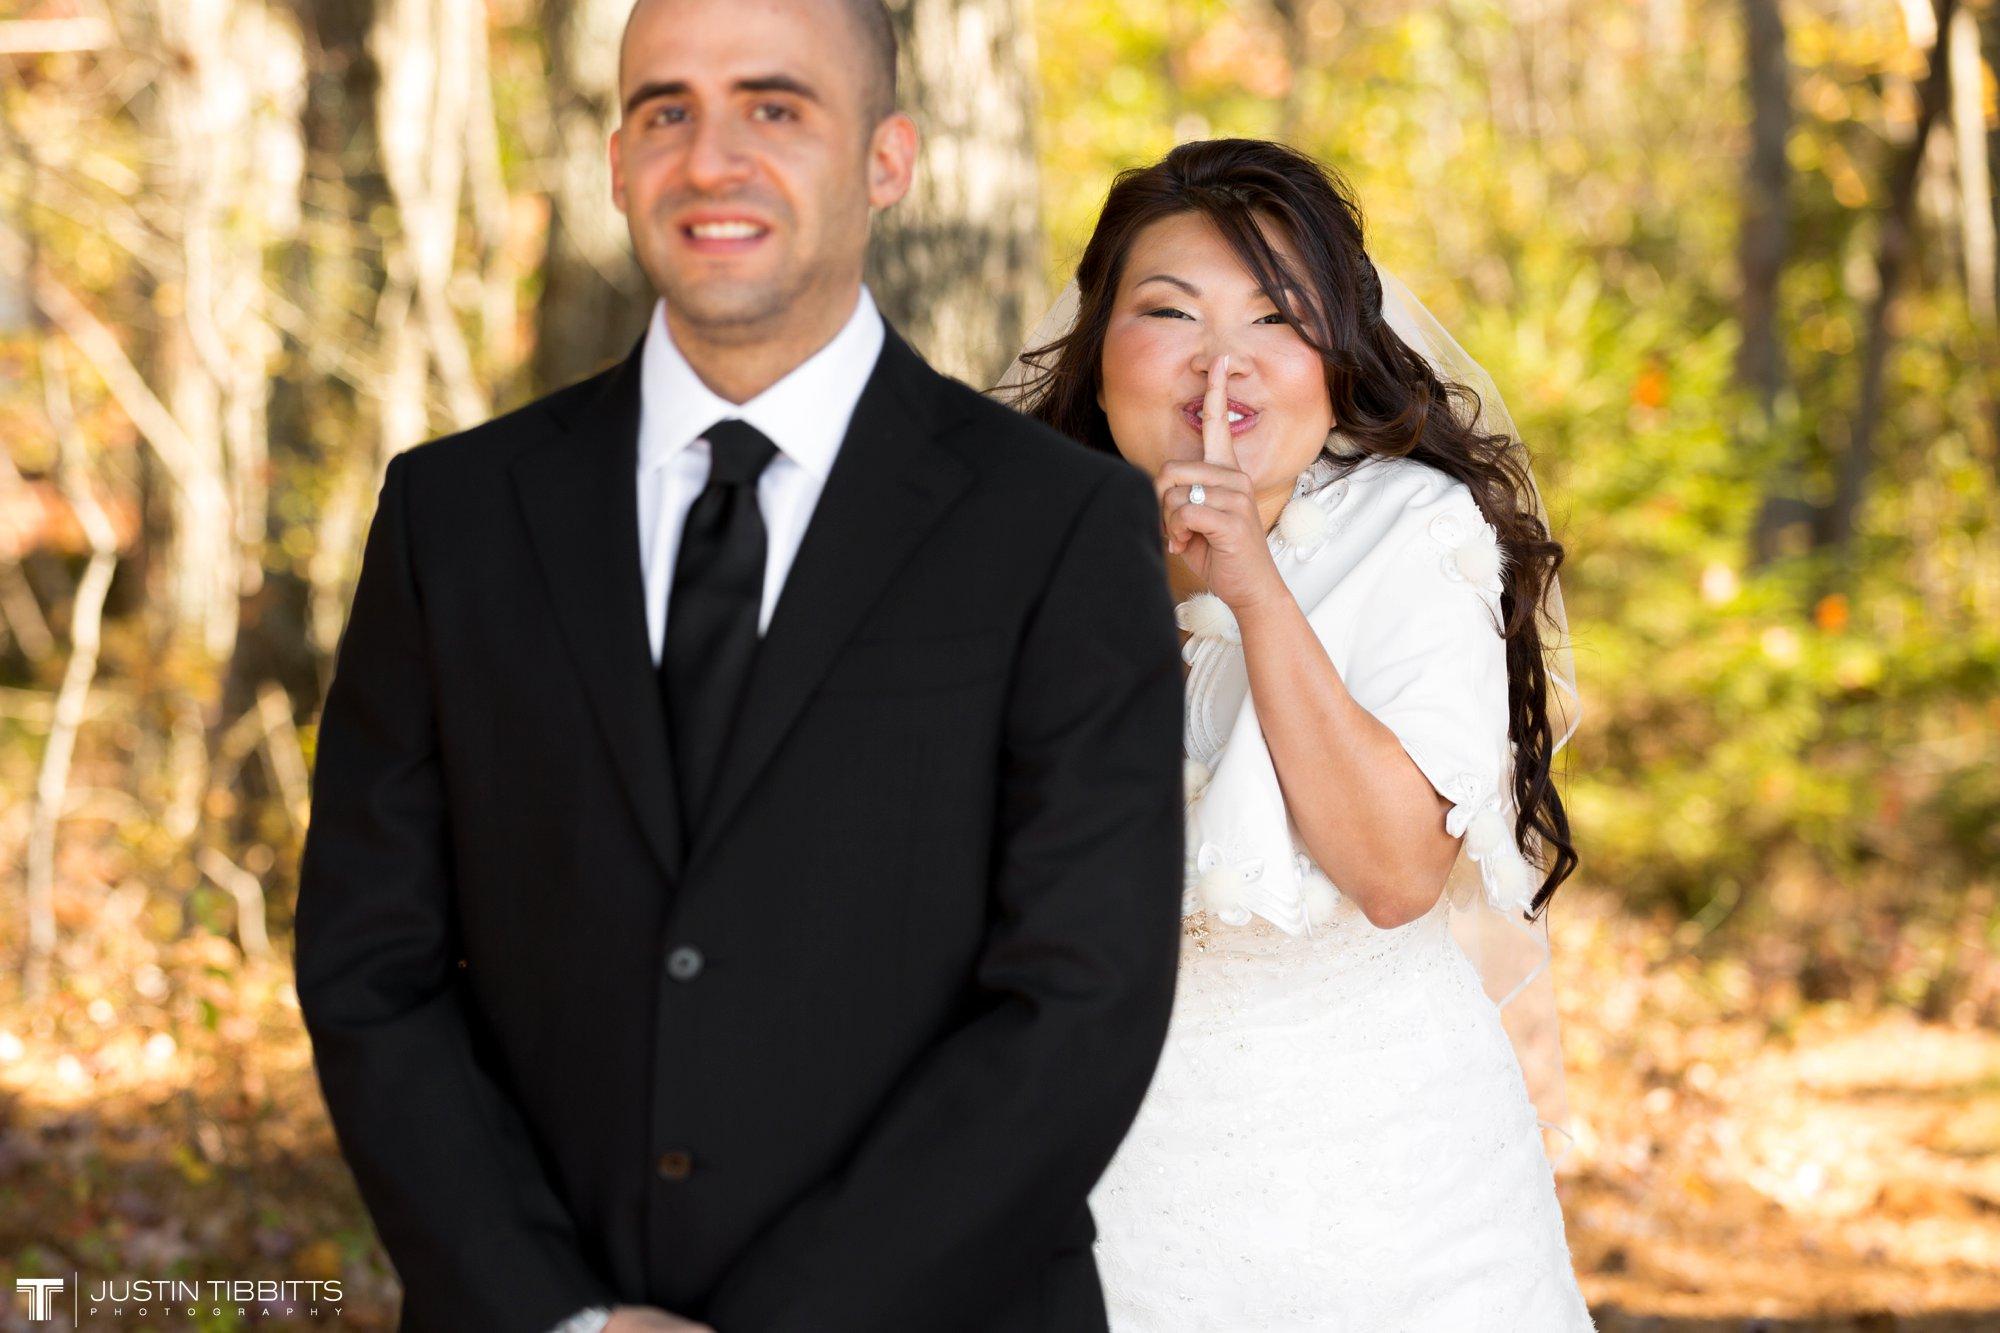 Albany NY Wedding Photographer Justin Tibbitts Photography 2014 Best of Albany NY Weddings-3258277